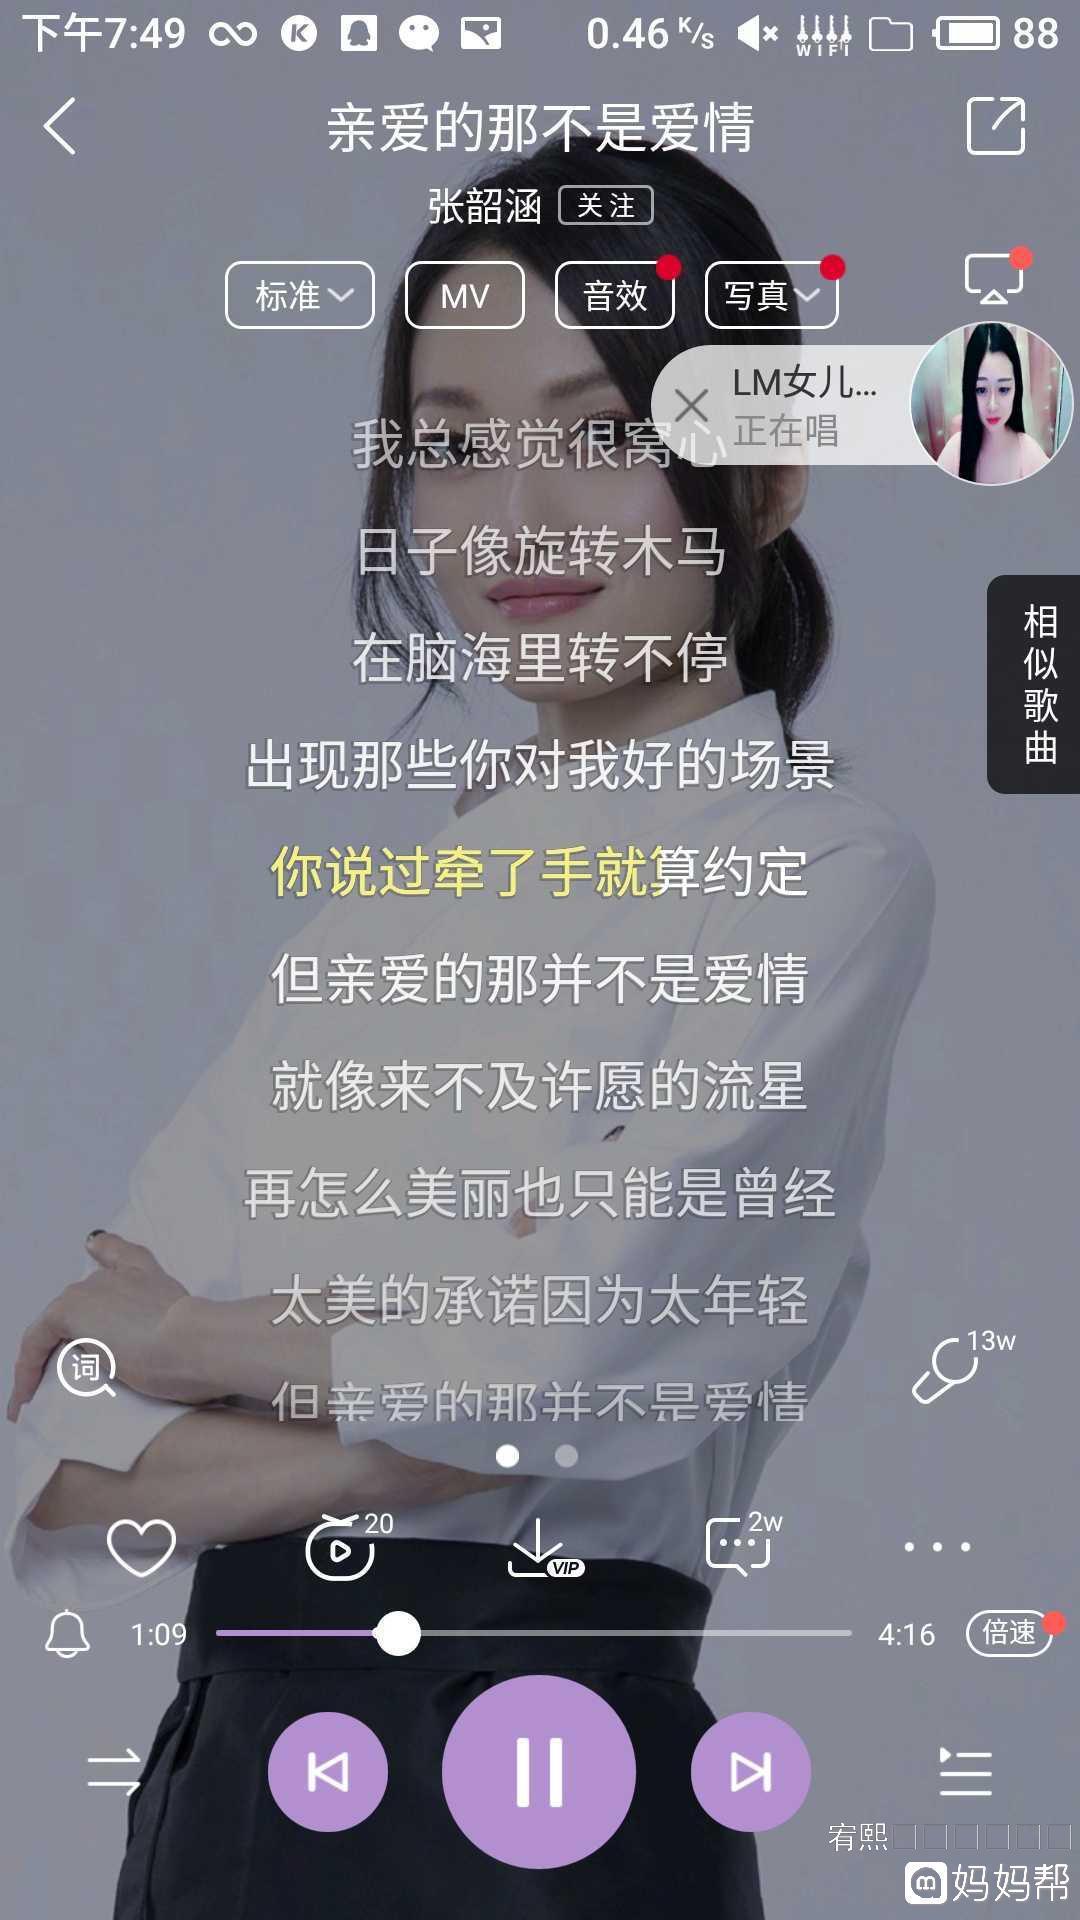 我最亲爱的mp3_求 张惠妹 我最亲爱的 MP3 下载